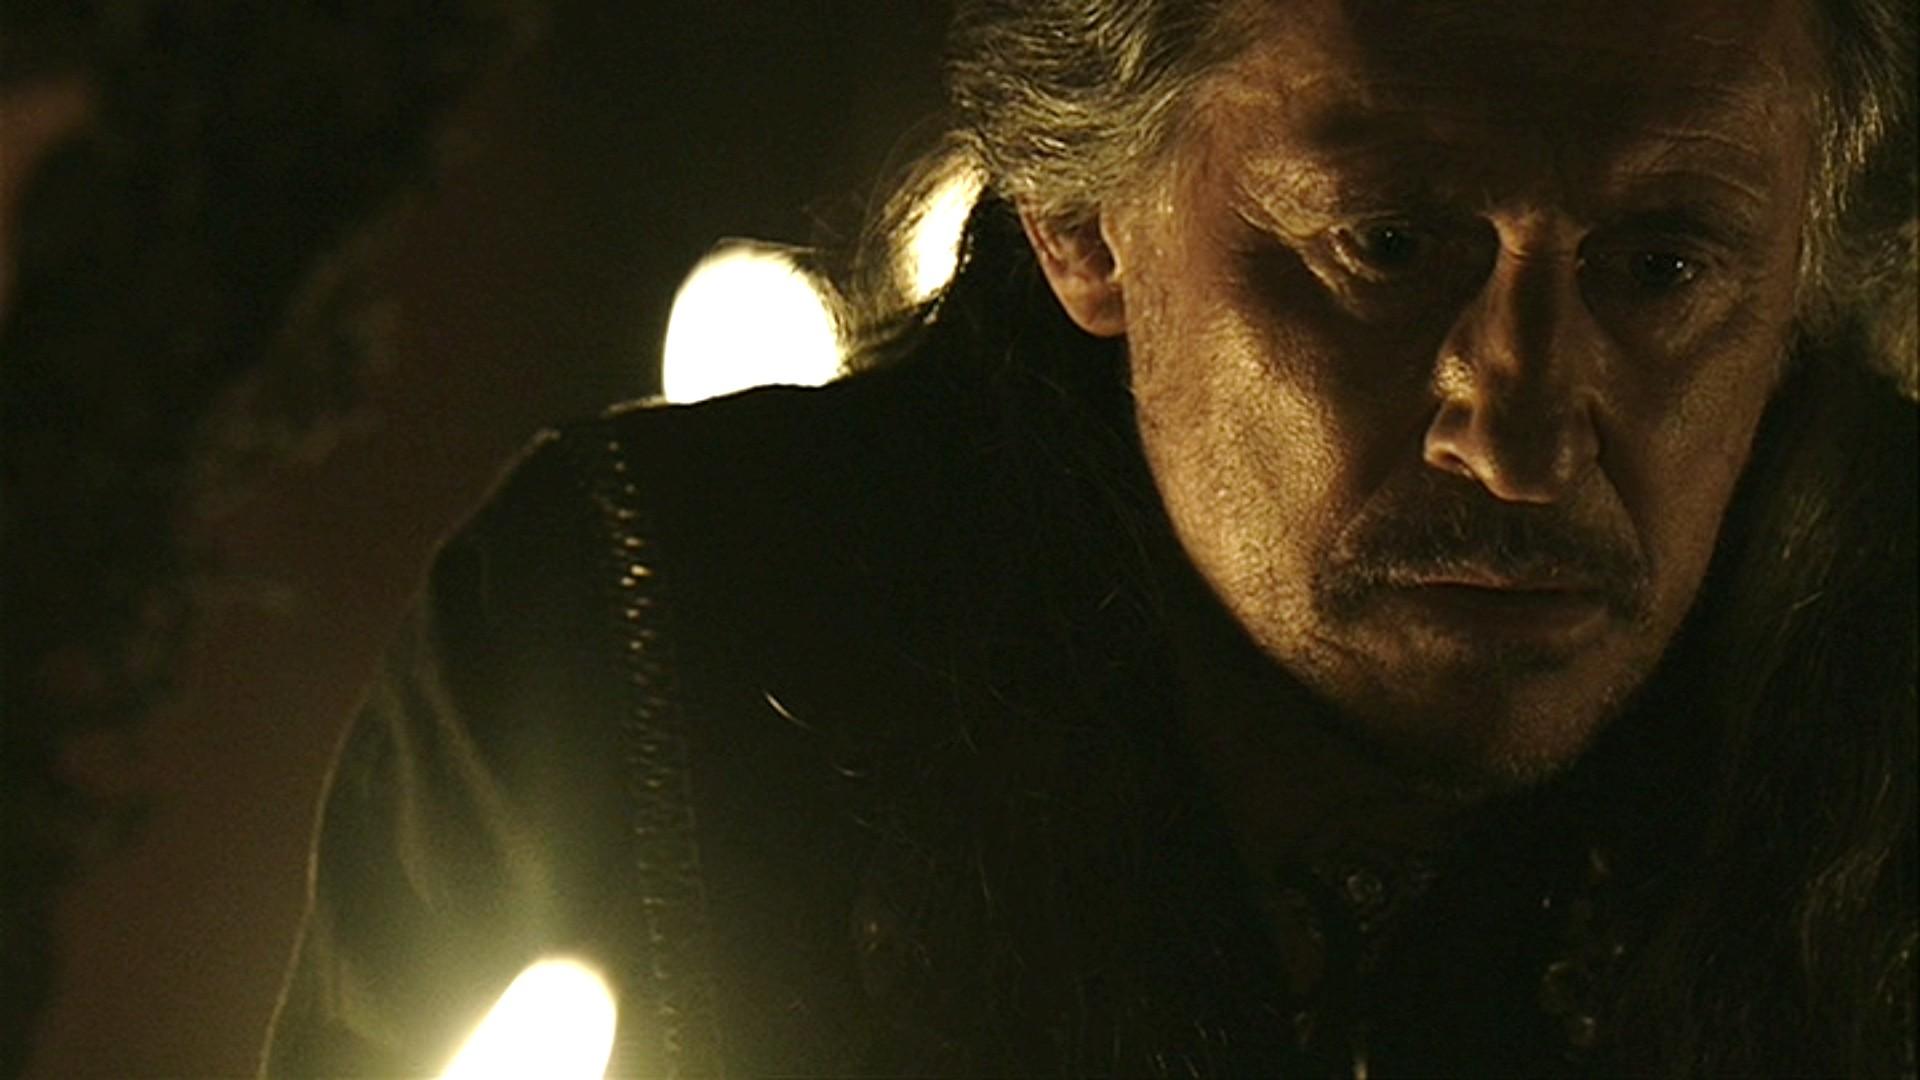 vikings-episode4-screencap-22